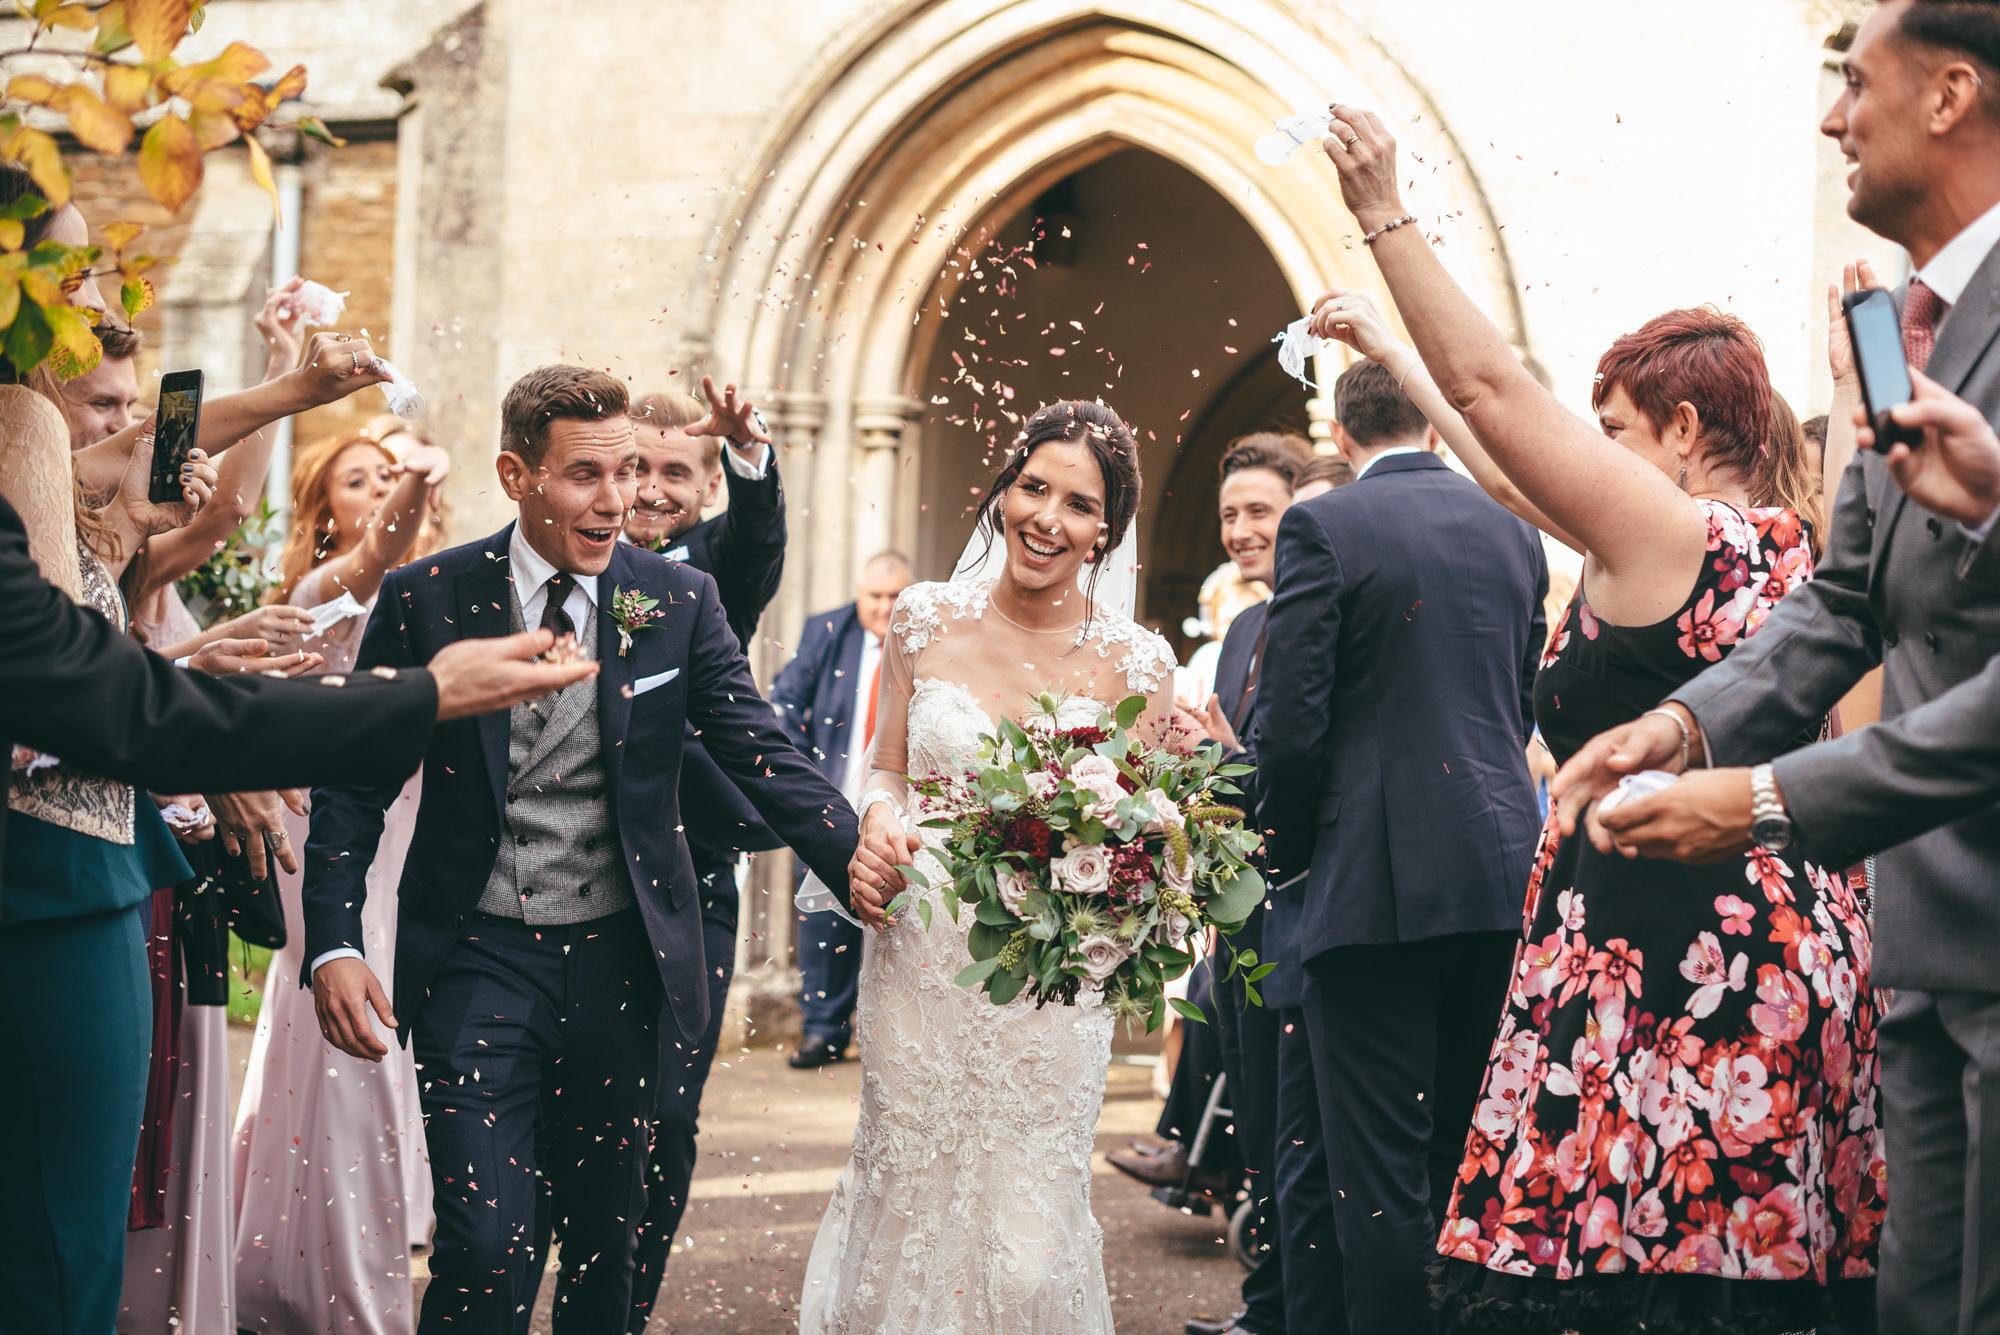 confetti thrown over the bride